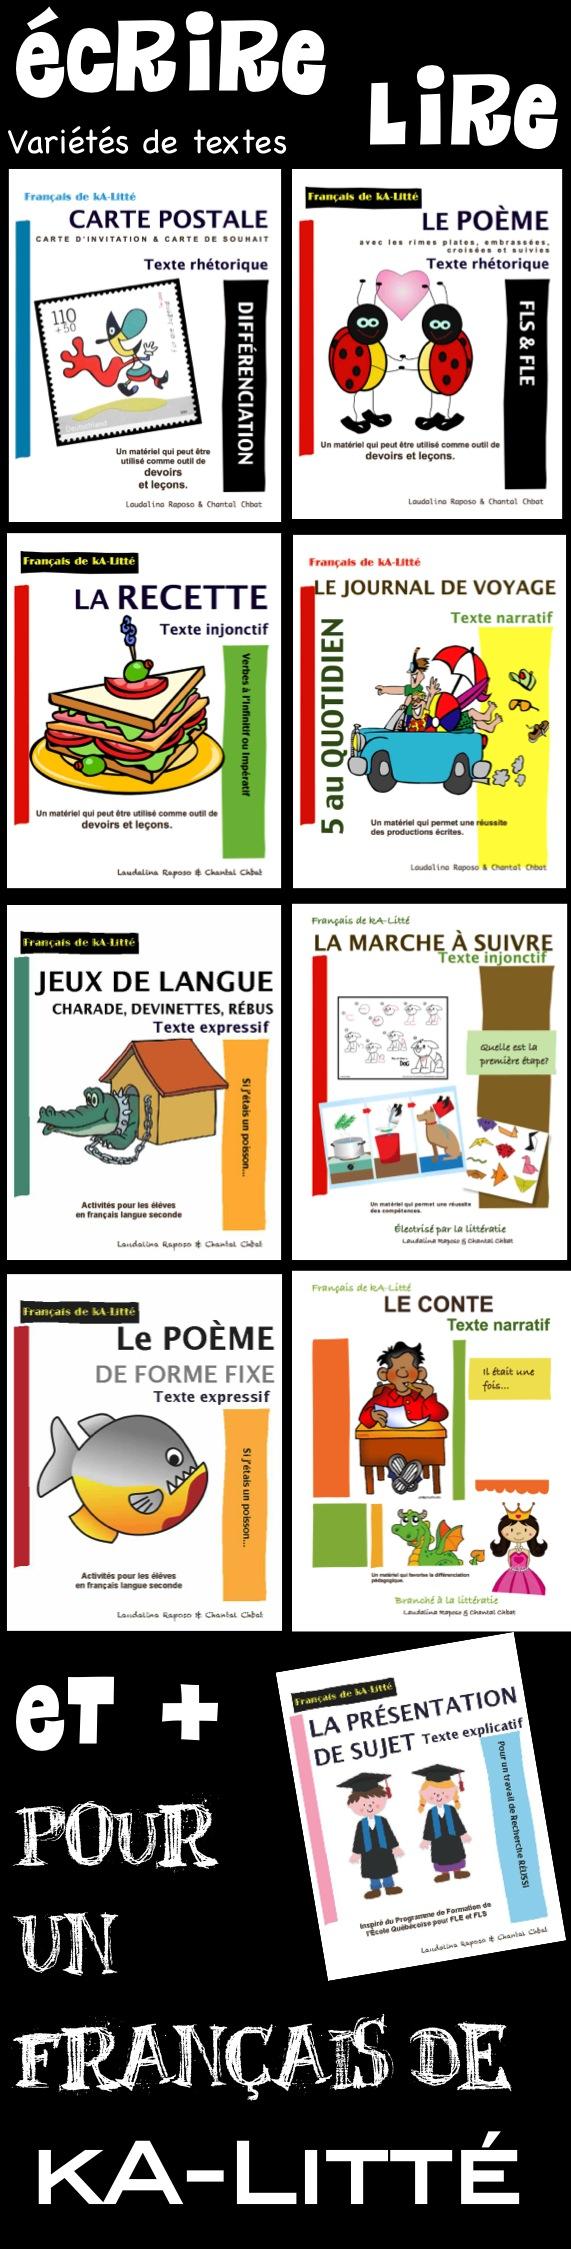 Des Textes Variés Lire Pour Ensuite écrire Poème Conte